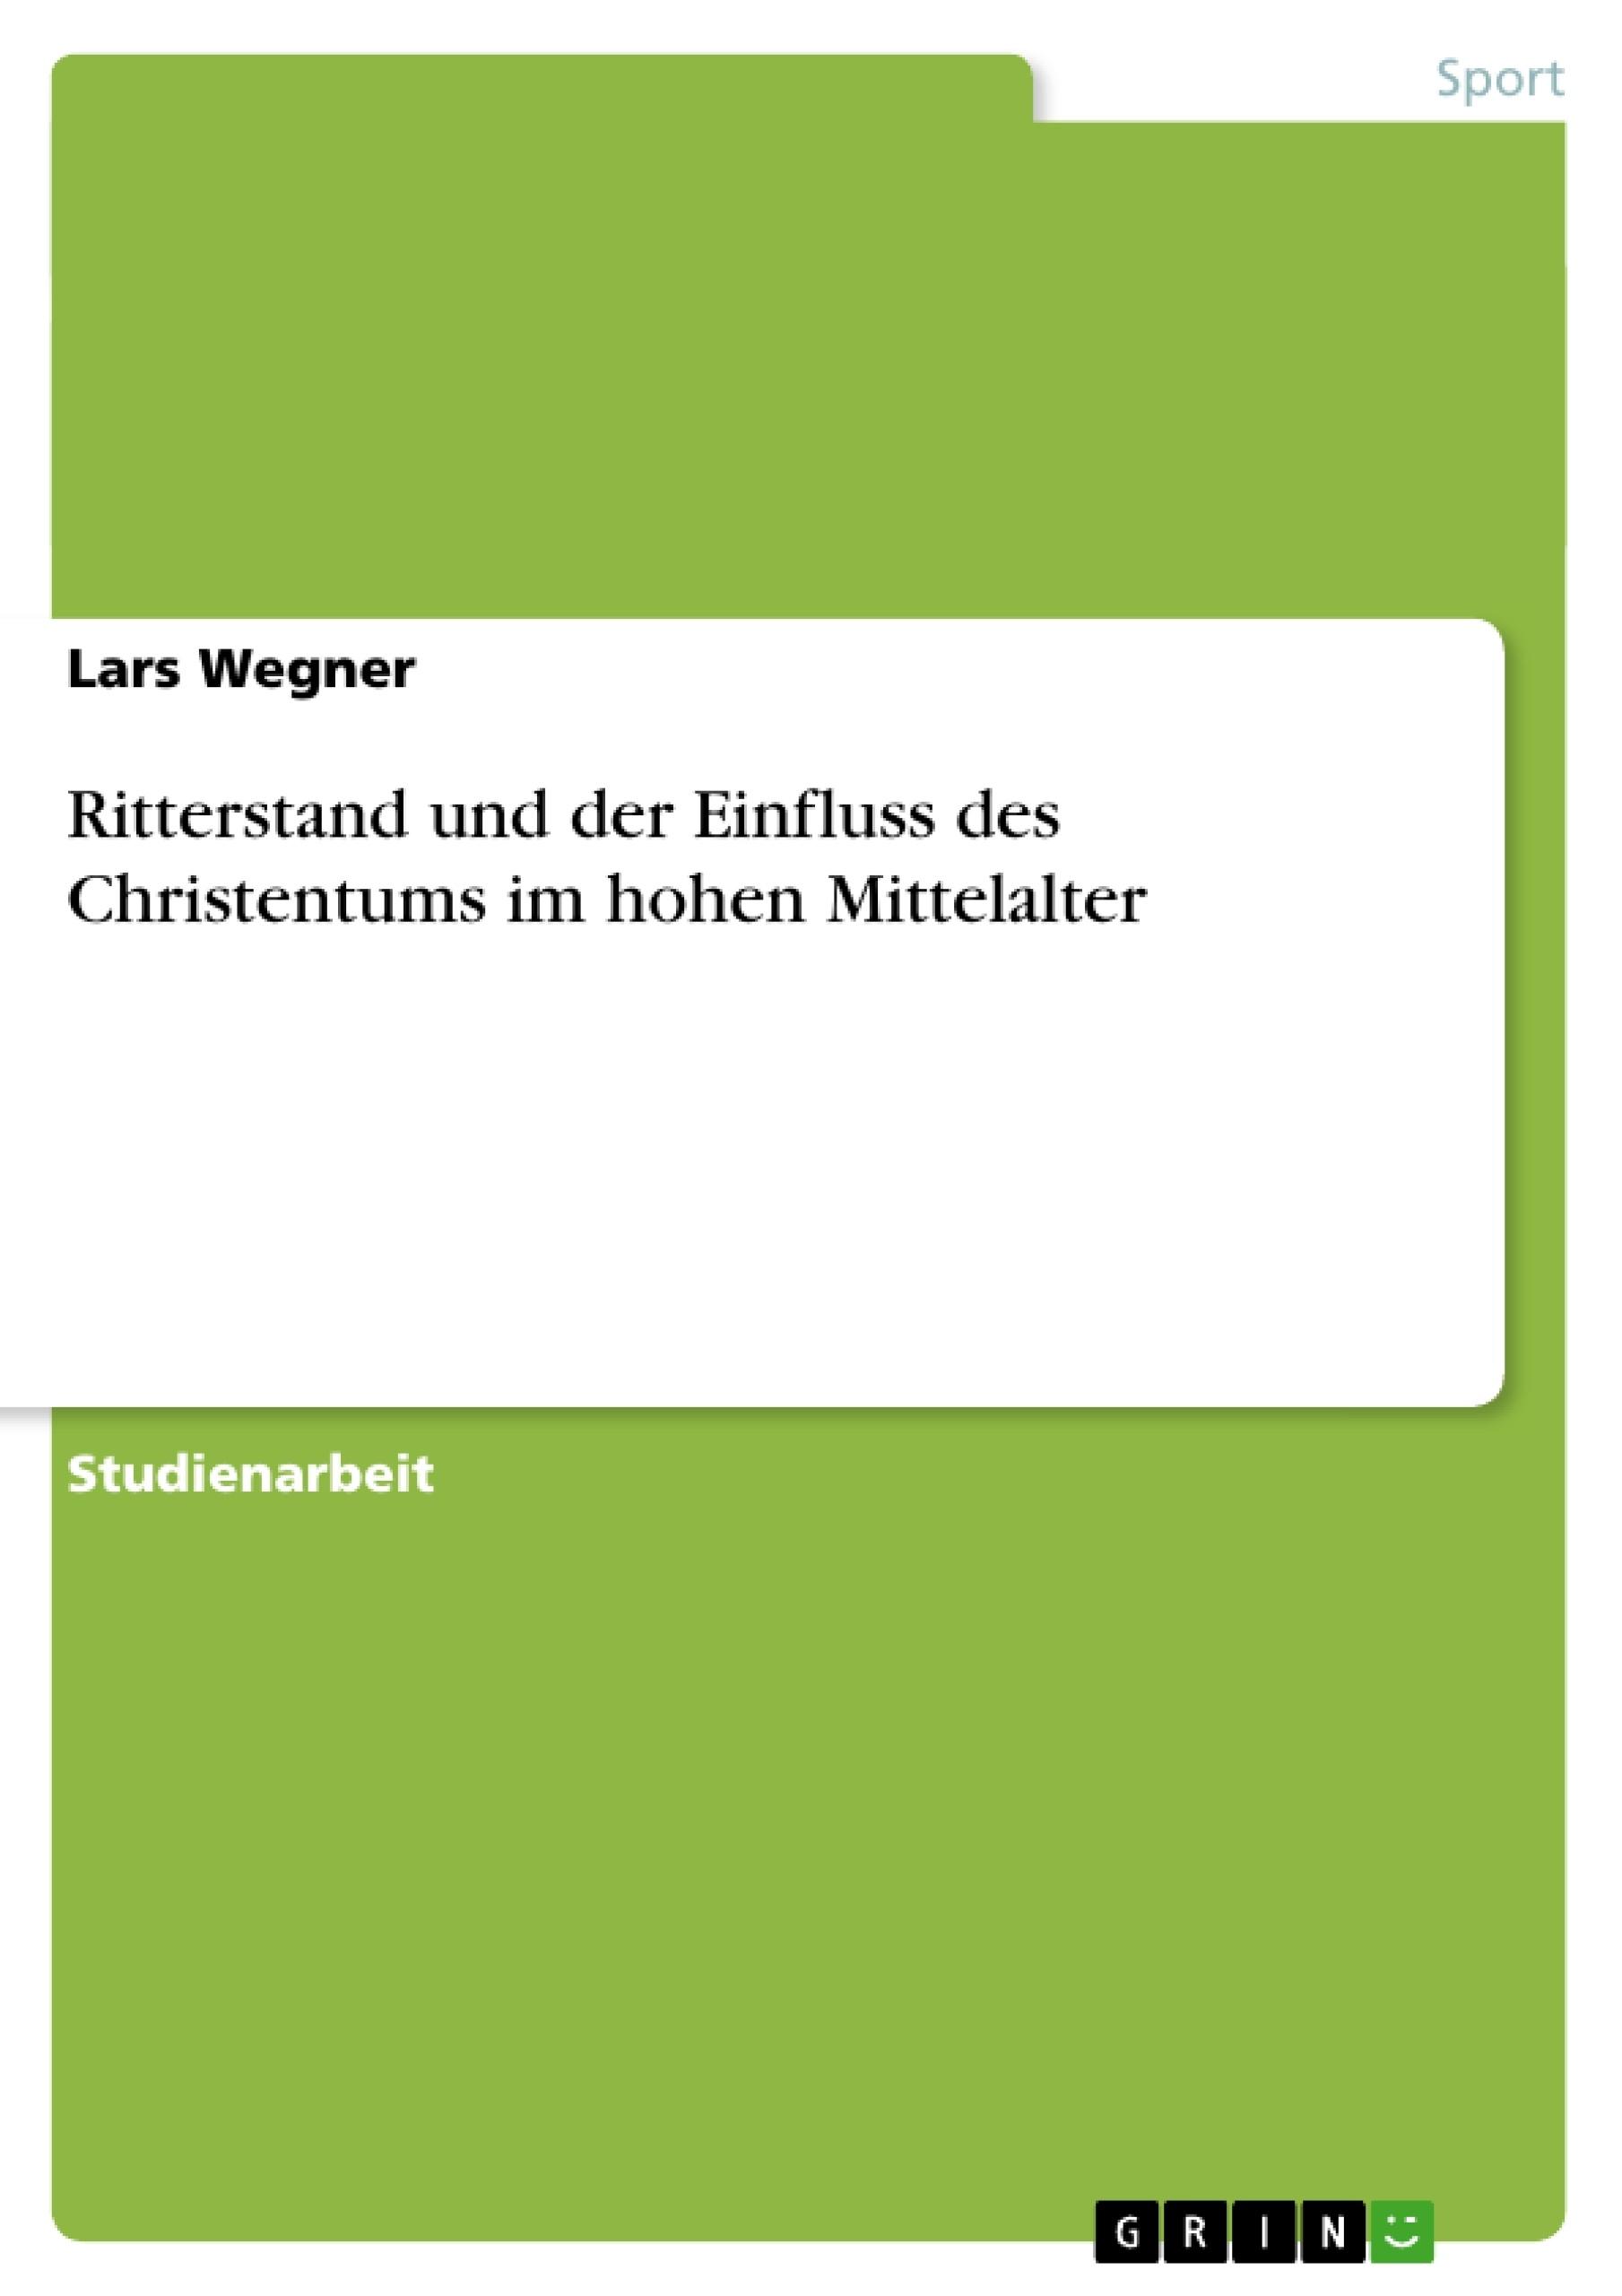 Titel: Ritterstand und der Einfluss des Christentums im hohen Mittelalter